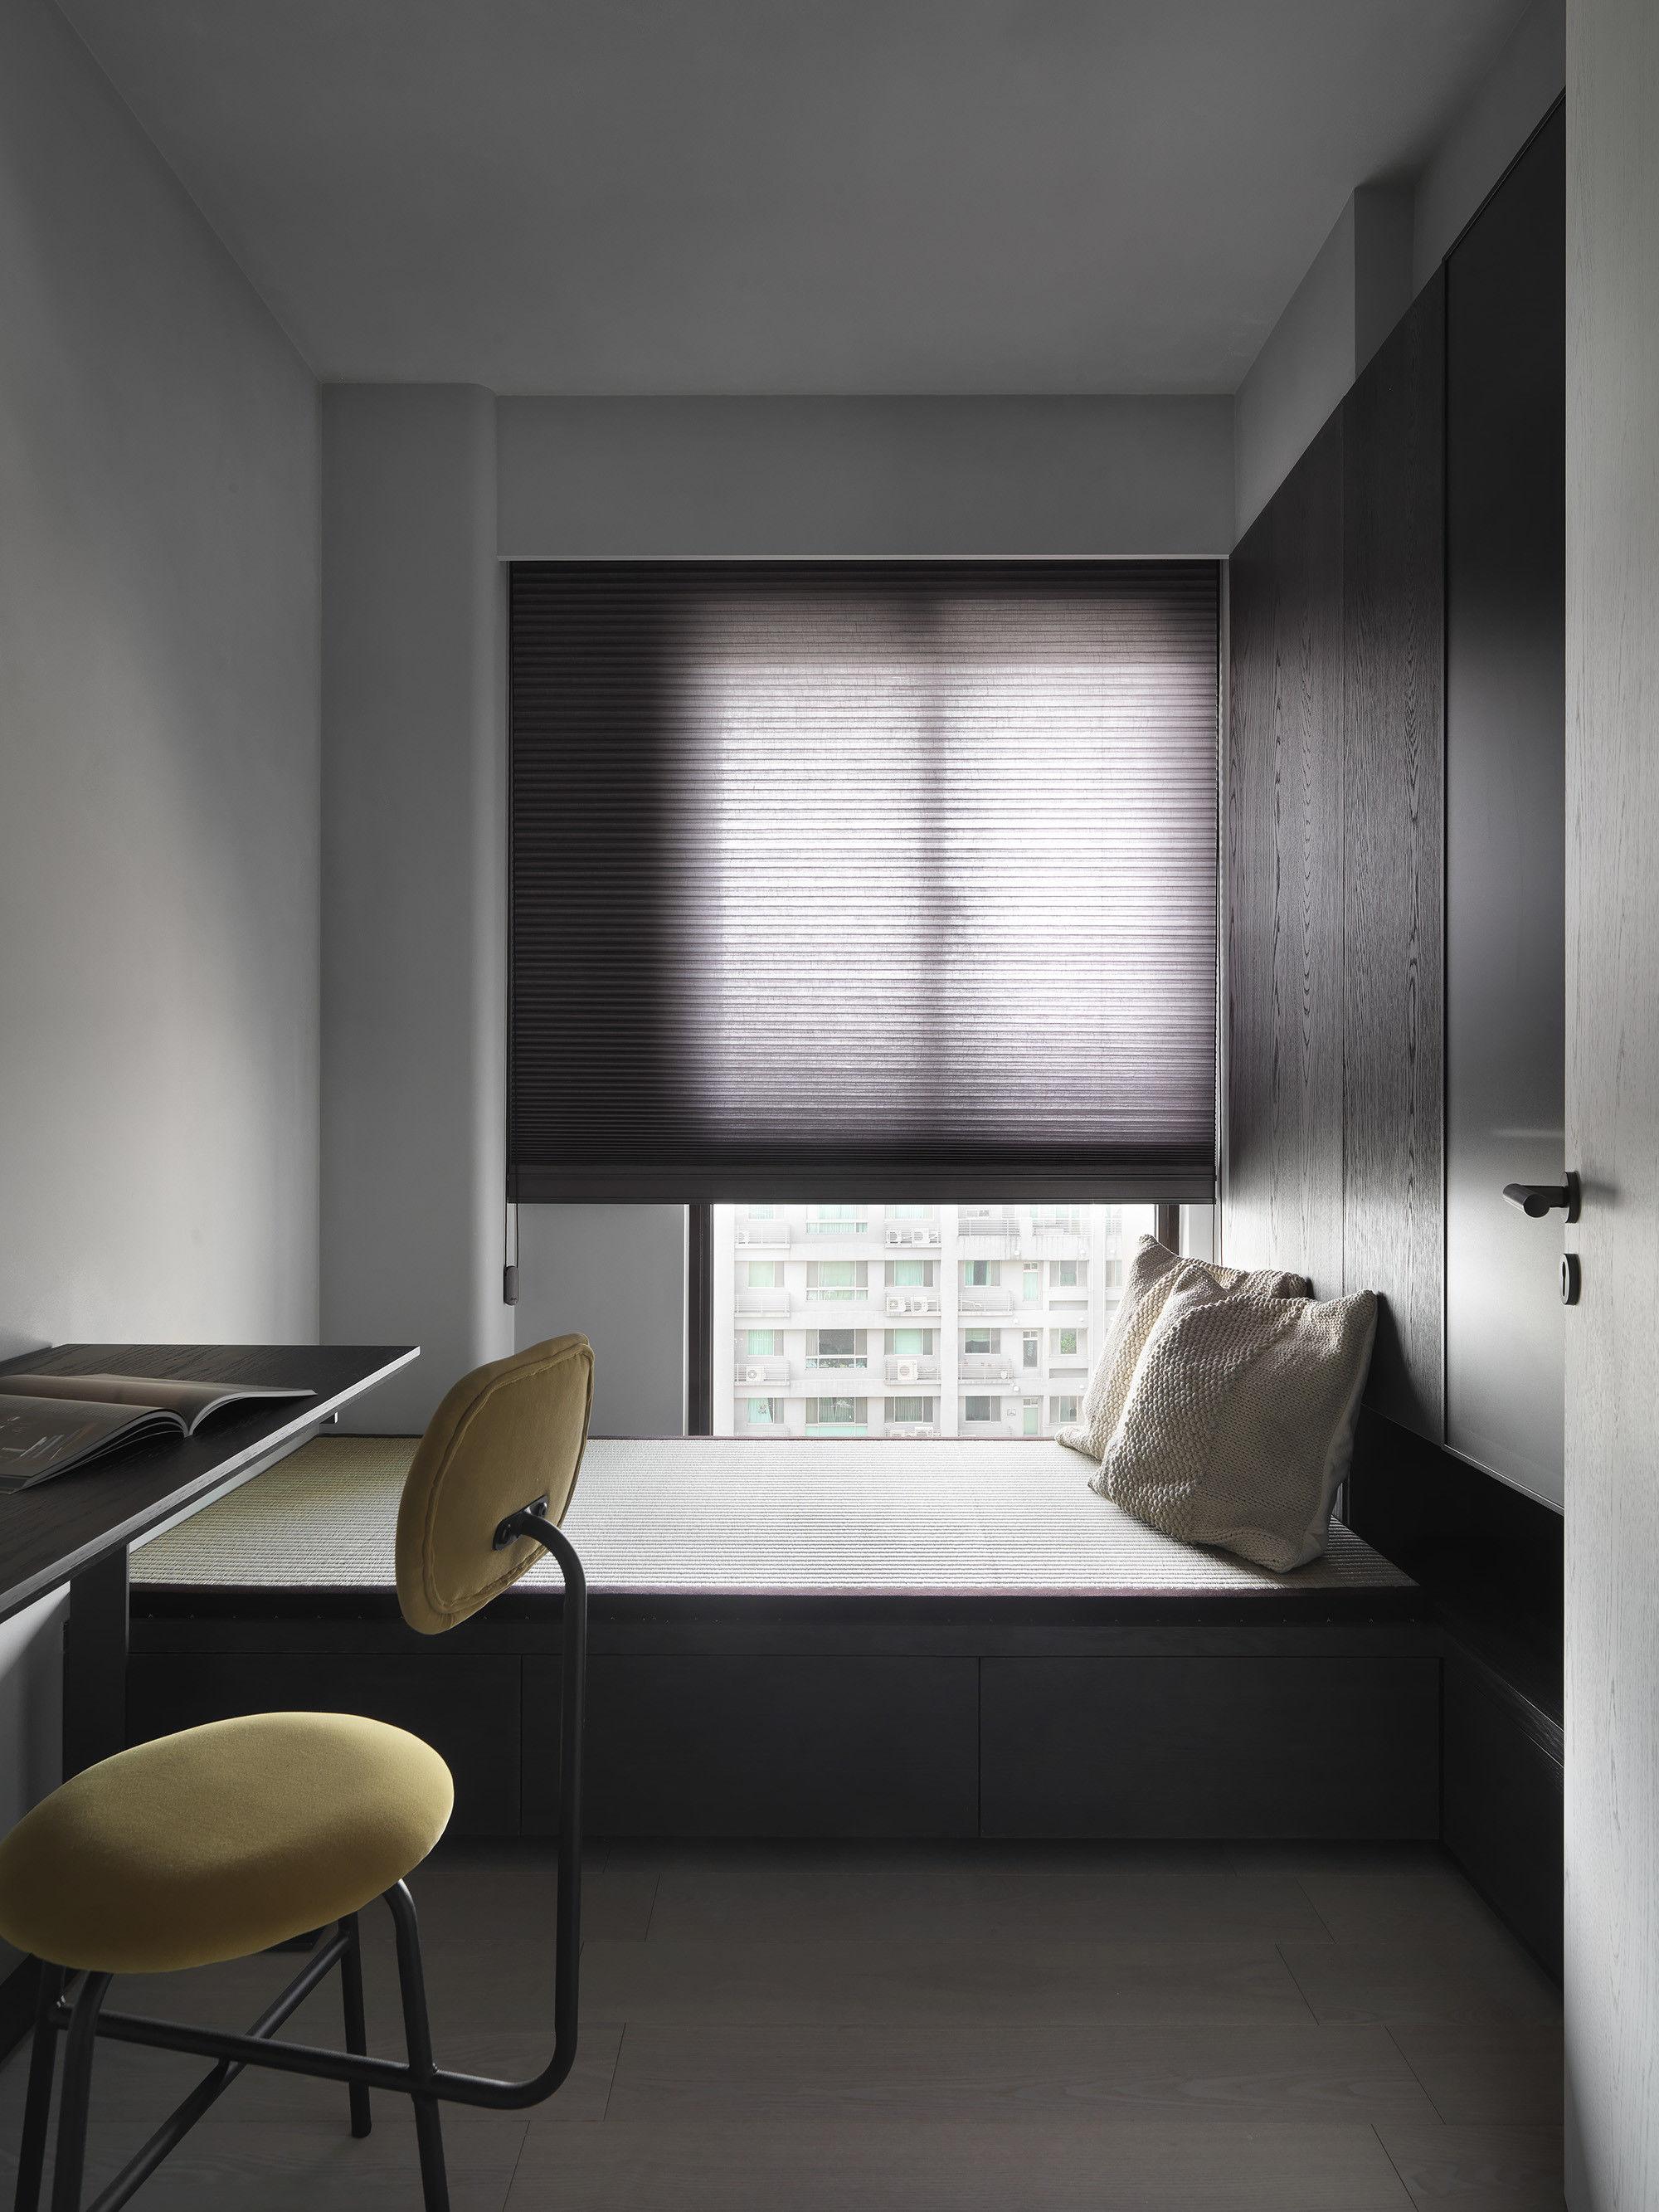 台中 分子室內裝修設計 - 單層電梯大樓 - 現代風住宅設計 - 全室舊屋翻新 - 臥榻